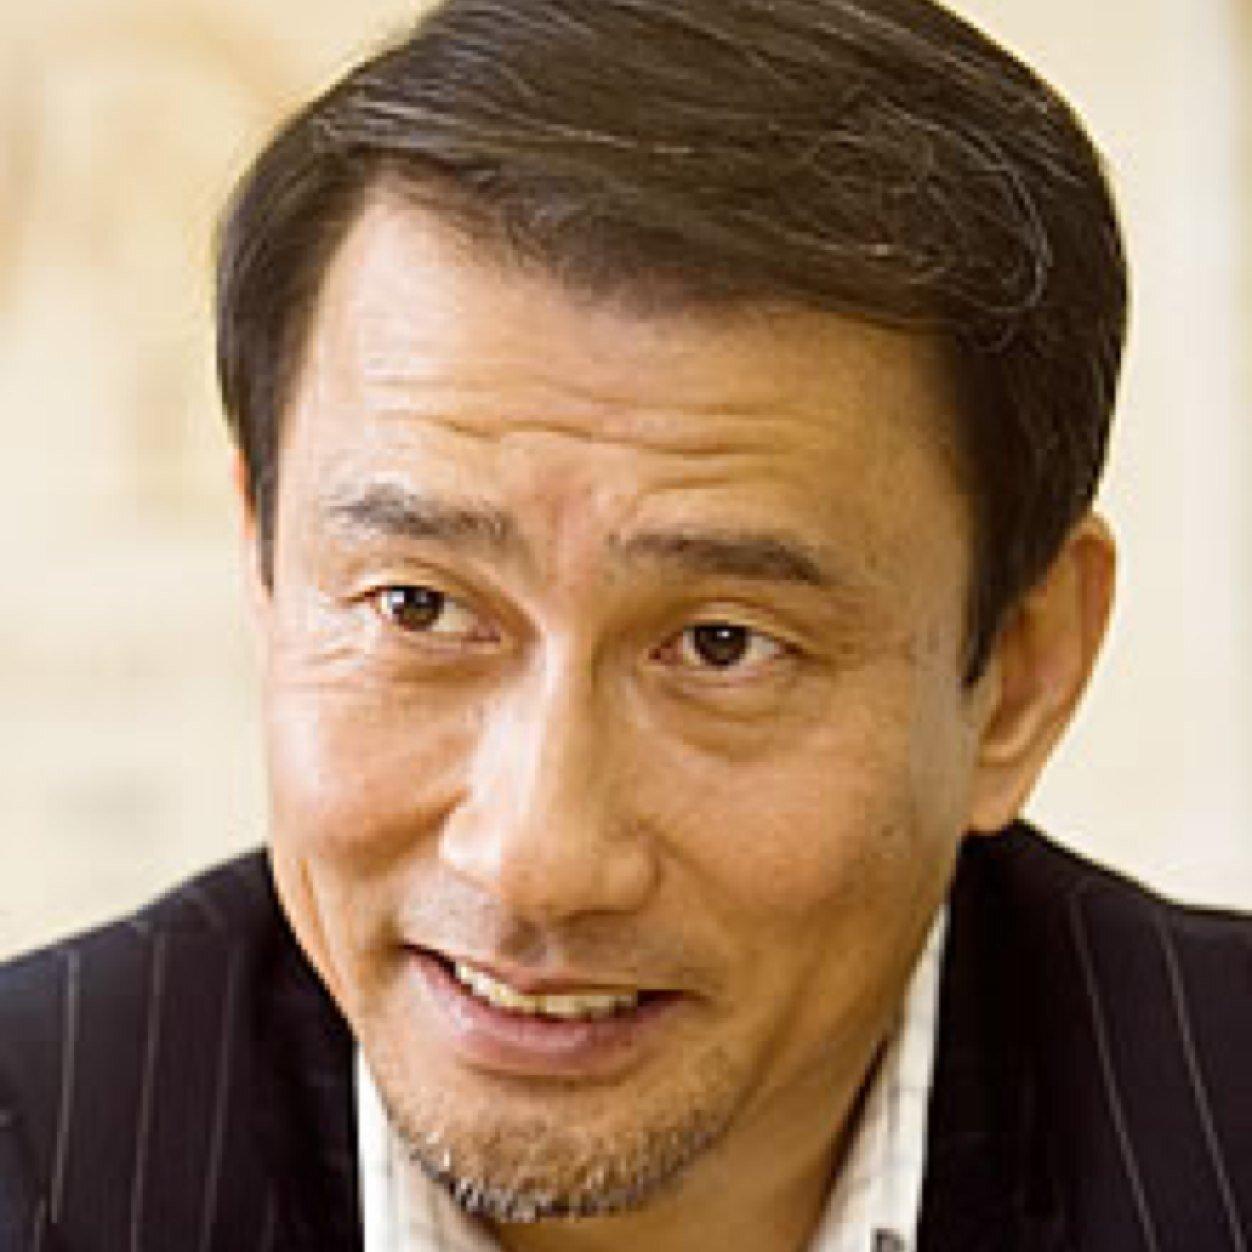 中井貴一がコメディー映画でメインキャスター役に初挑戦!?のサムネイル画像